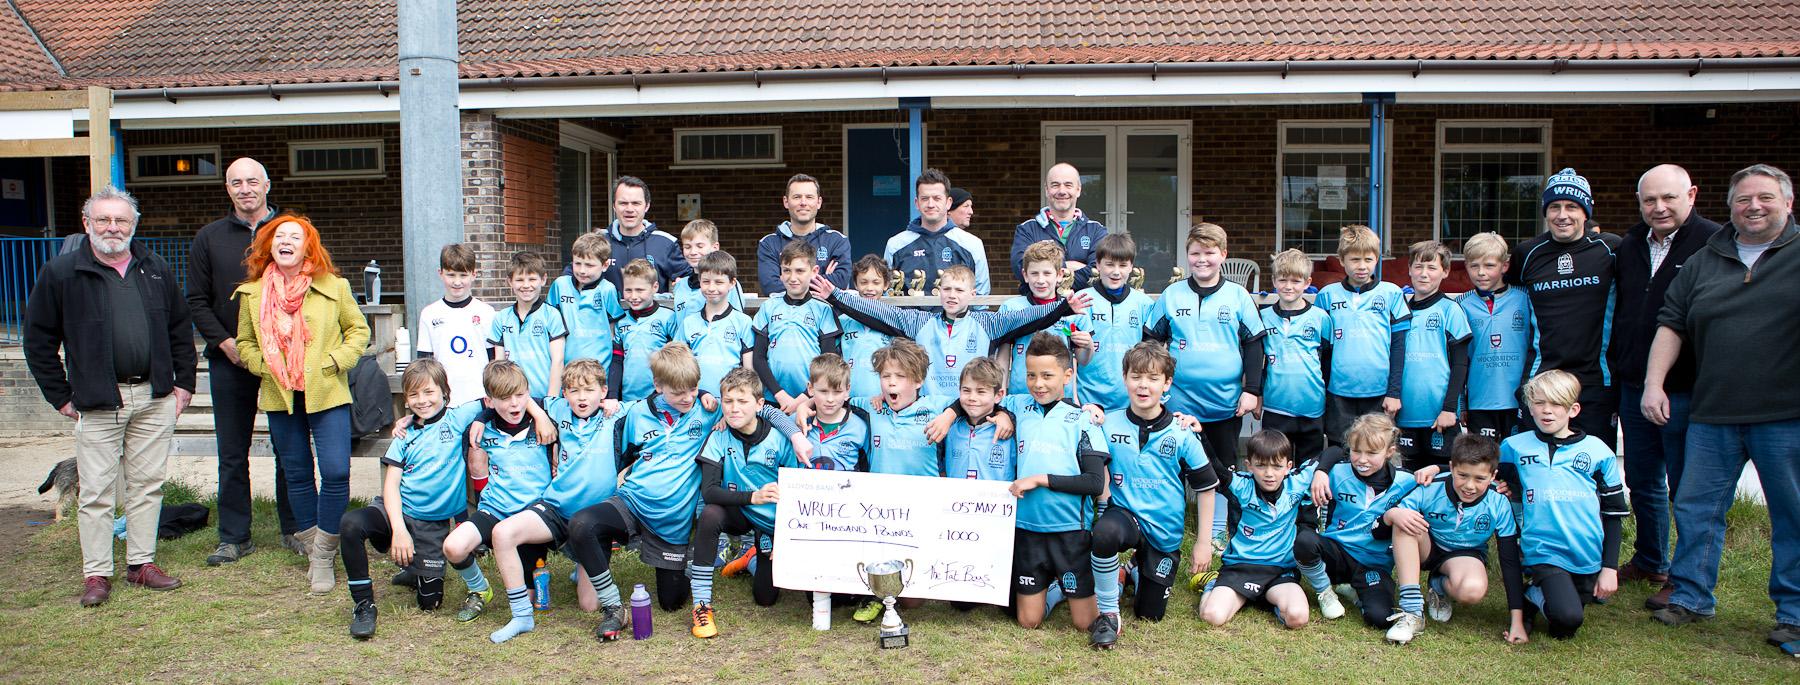 Woodbridge Rugby Club Youth Awards 5_5_19-227.jpg